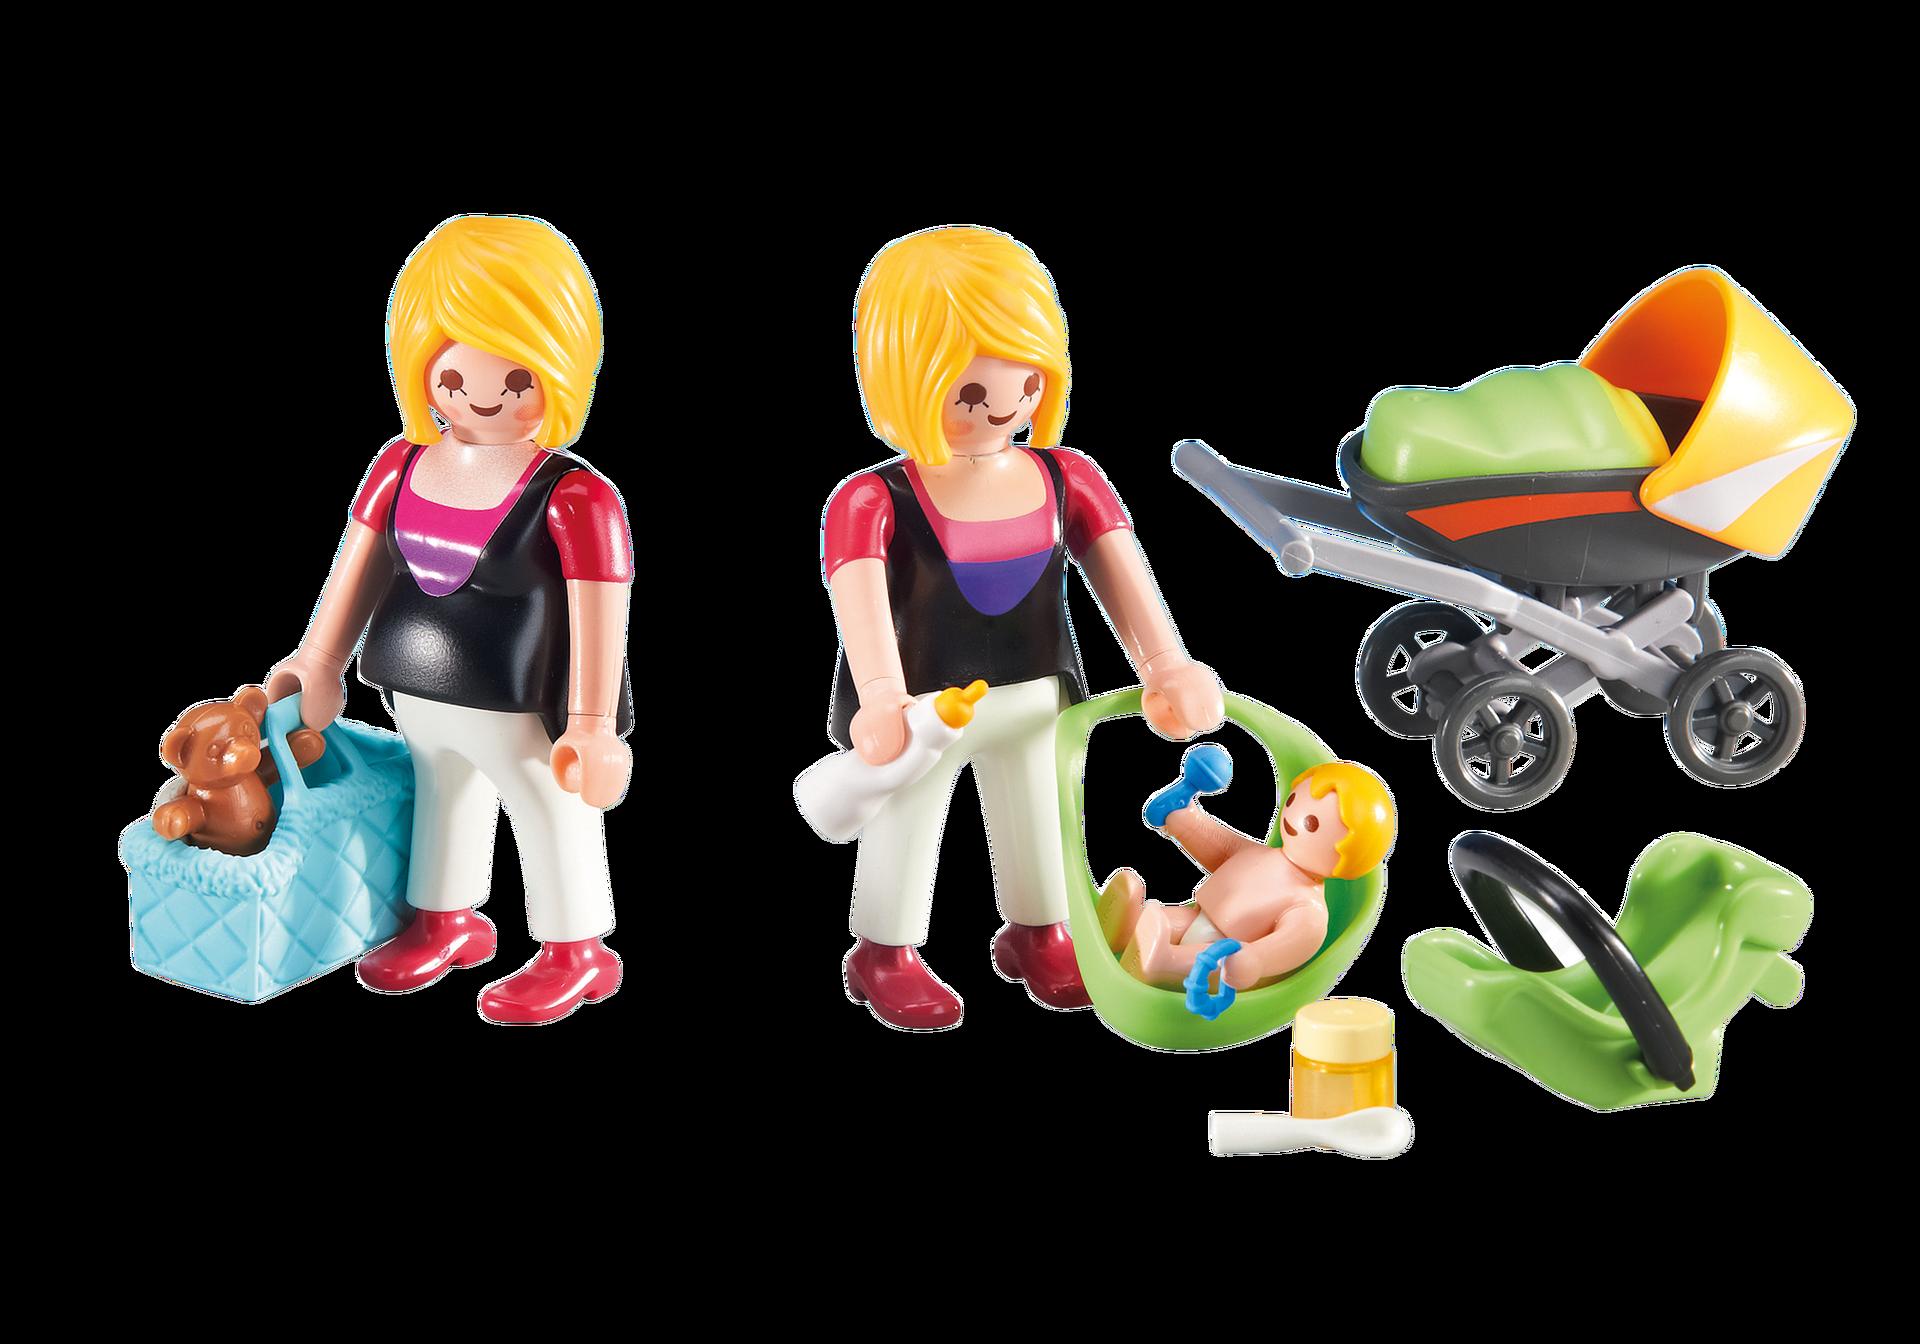 Schwangere und mama mit baby 6447 playmobil sterreich for Jugendzimmer playmobil